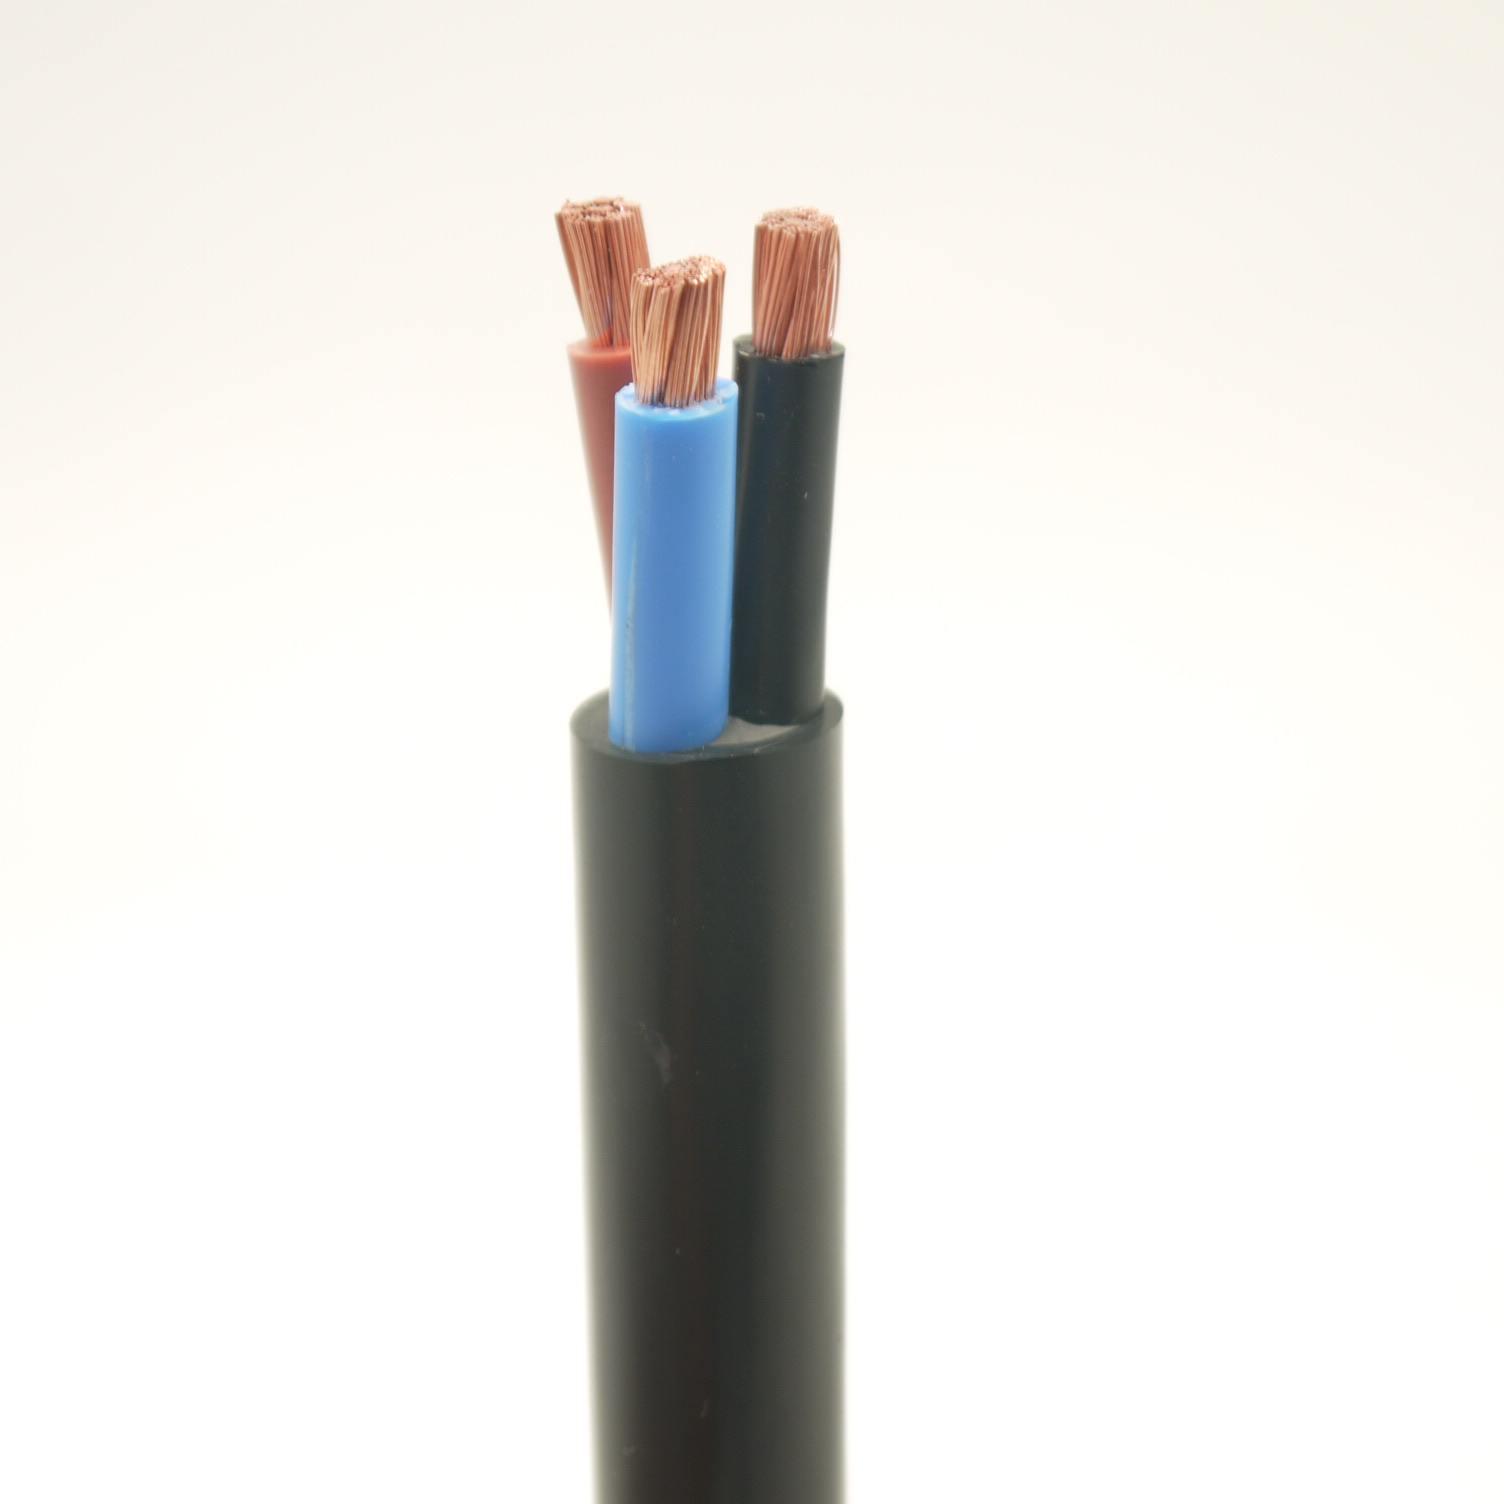 農安泄漏電纜MSLYFVZ-50-9批發